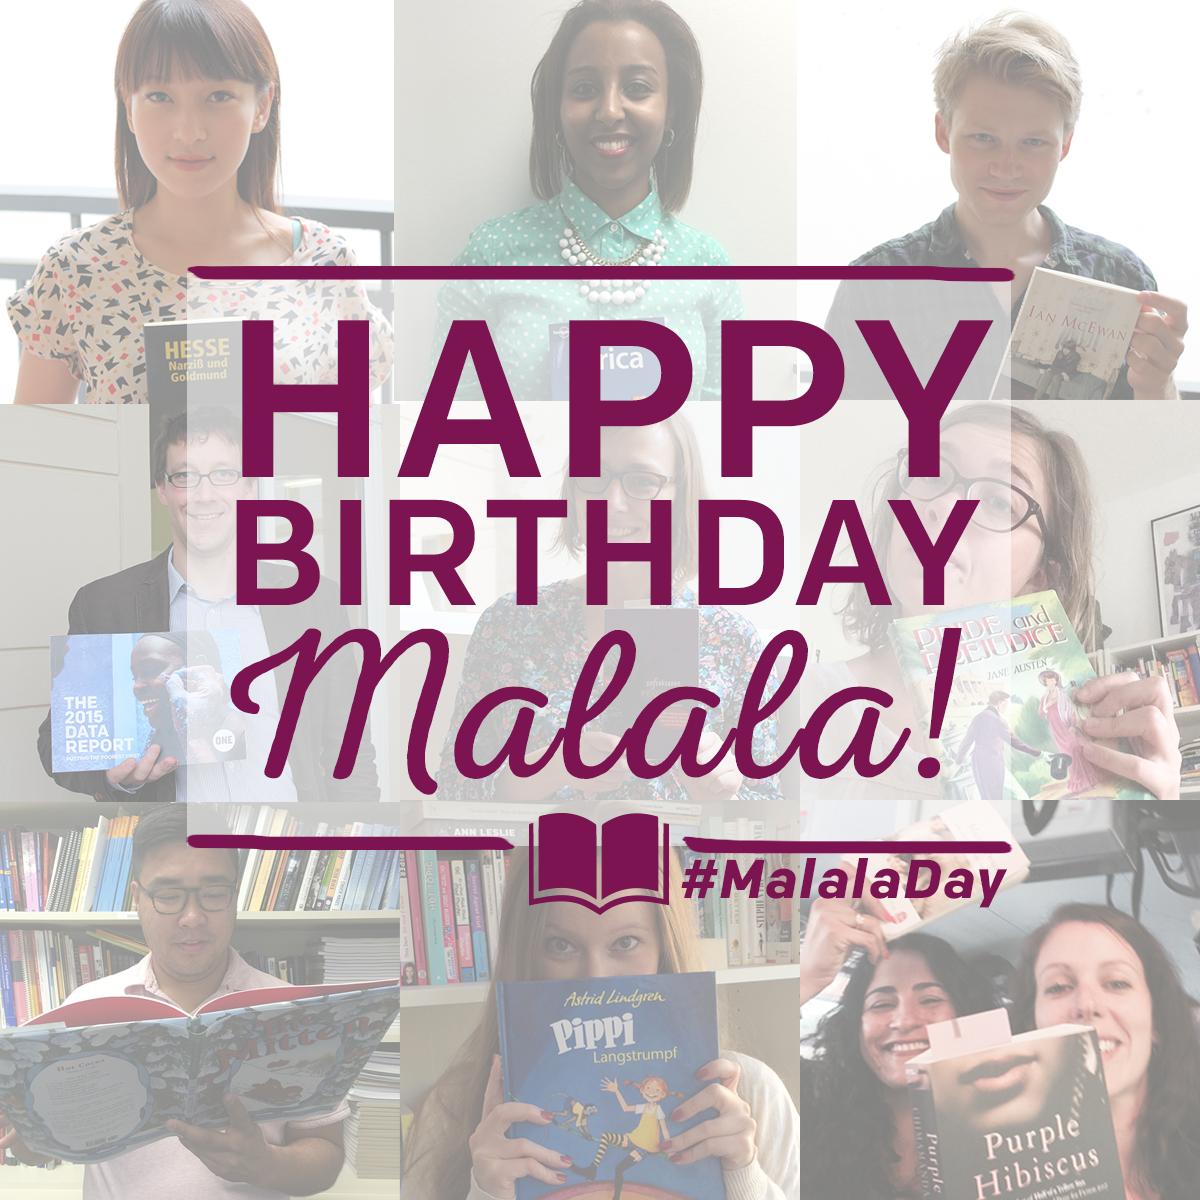 Bücher statt Kugeln: Ein Geburtstagswunsch von Malala